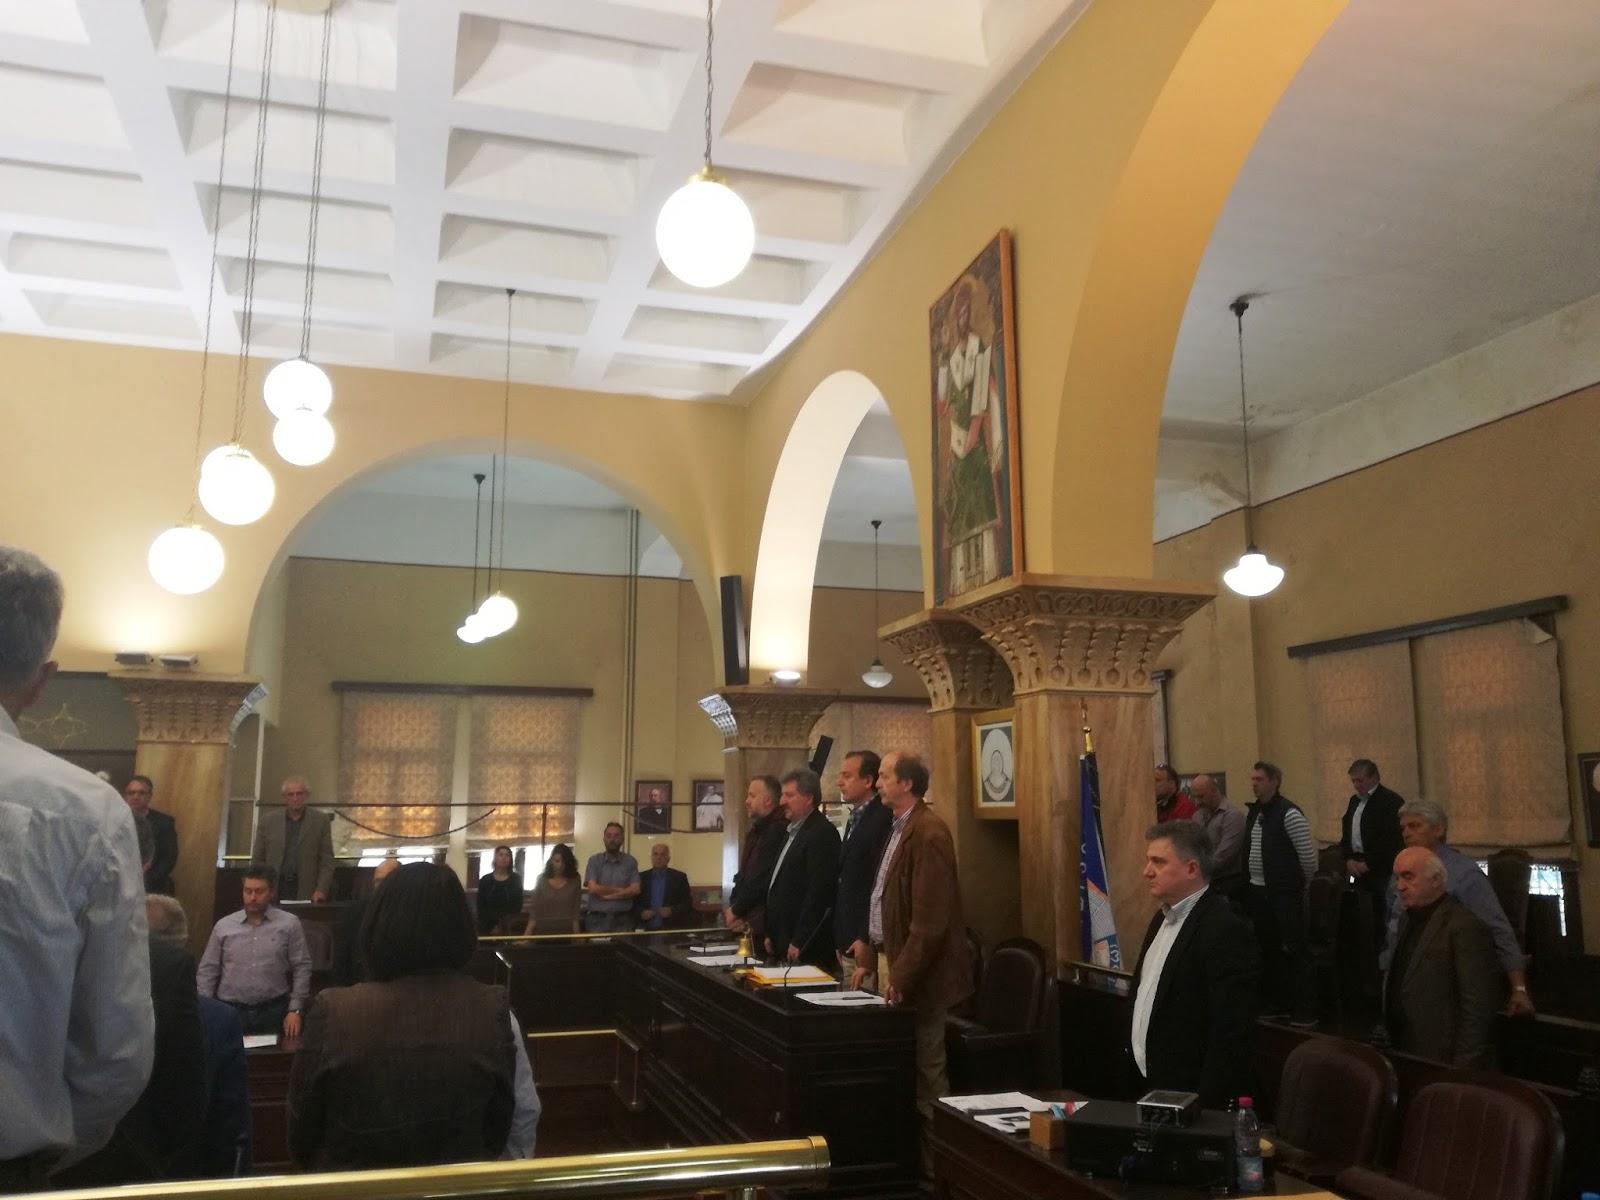 Ιωάννινα:Απο την ...εκτός ημερησίας συζήτηση στο Δημοτικό Συμβούλιο